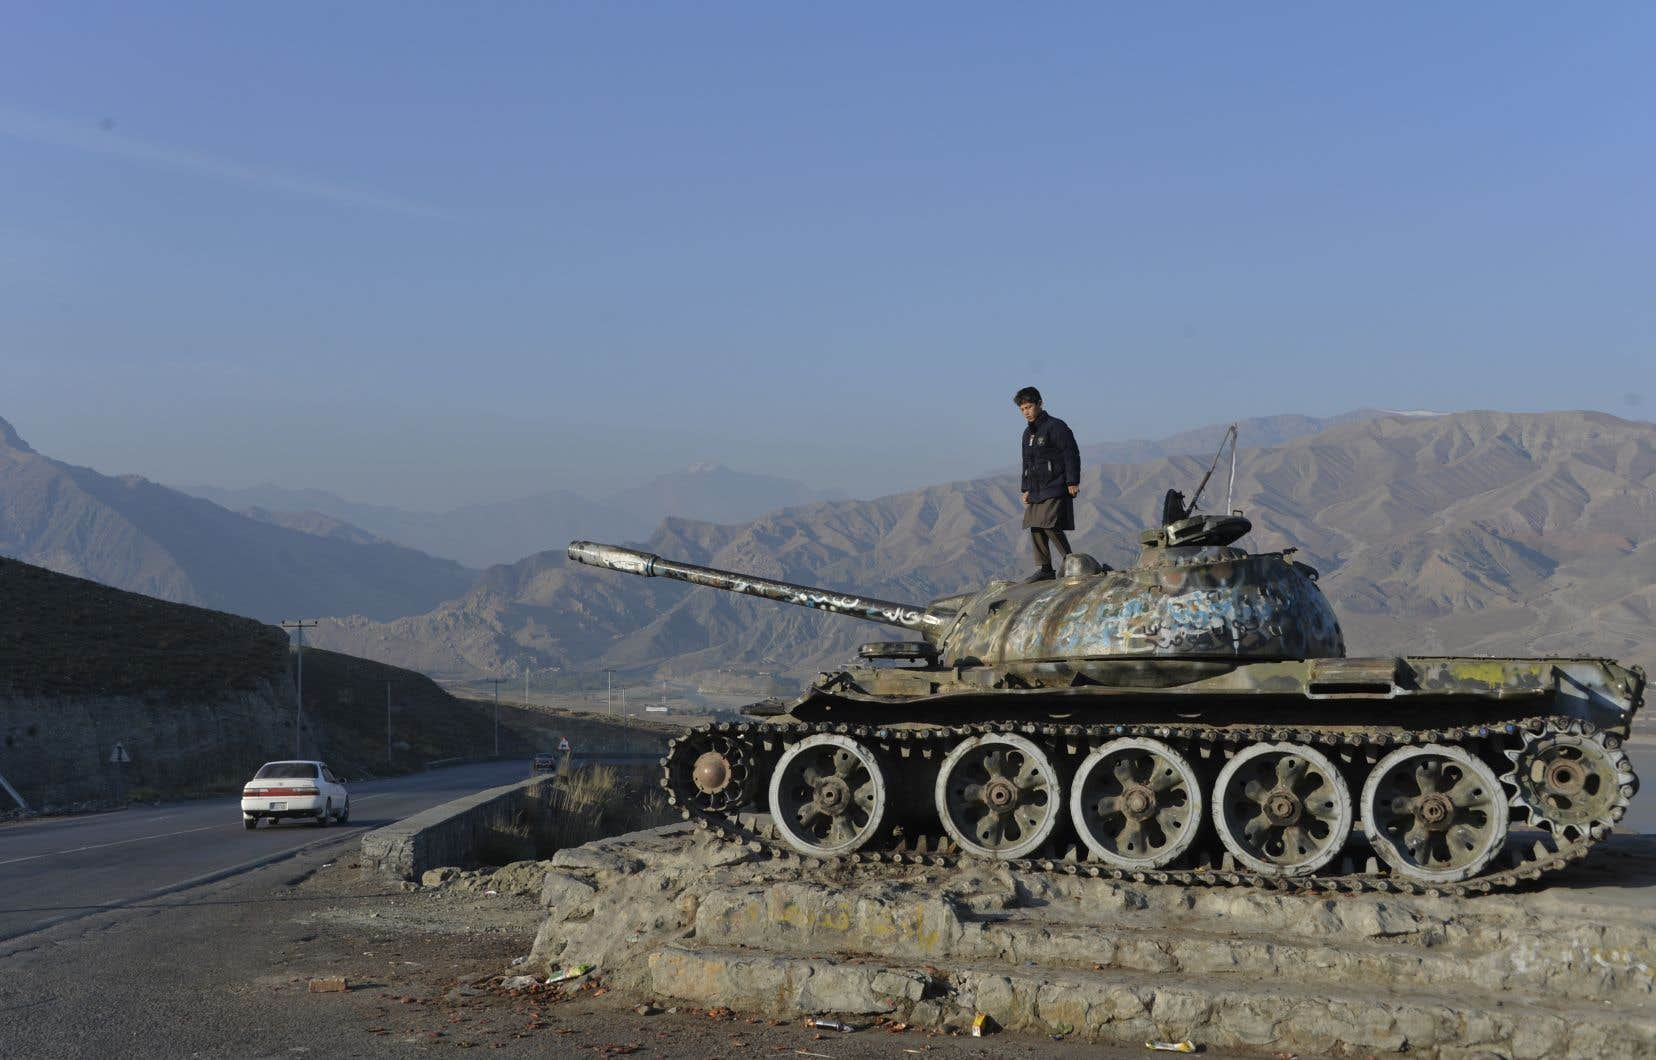 Un enfant joue sur un tank abandonné datant de l'époque soviétique près de Kaboul.